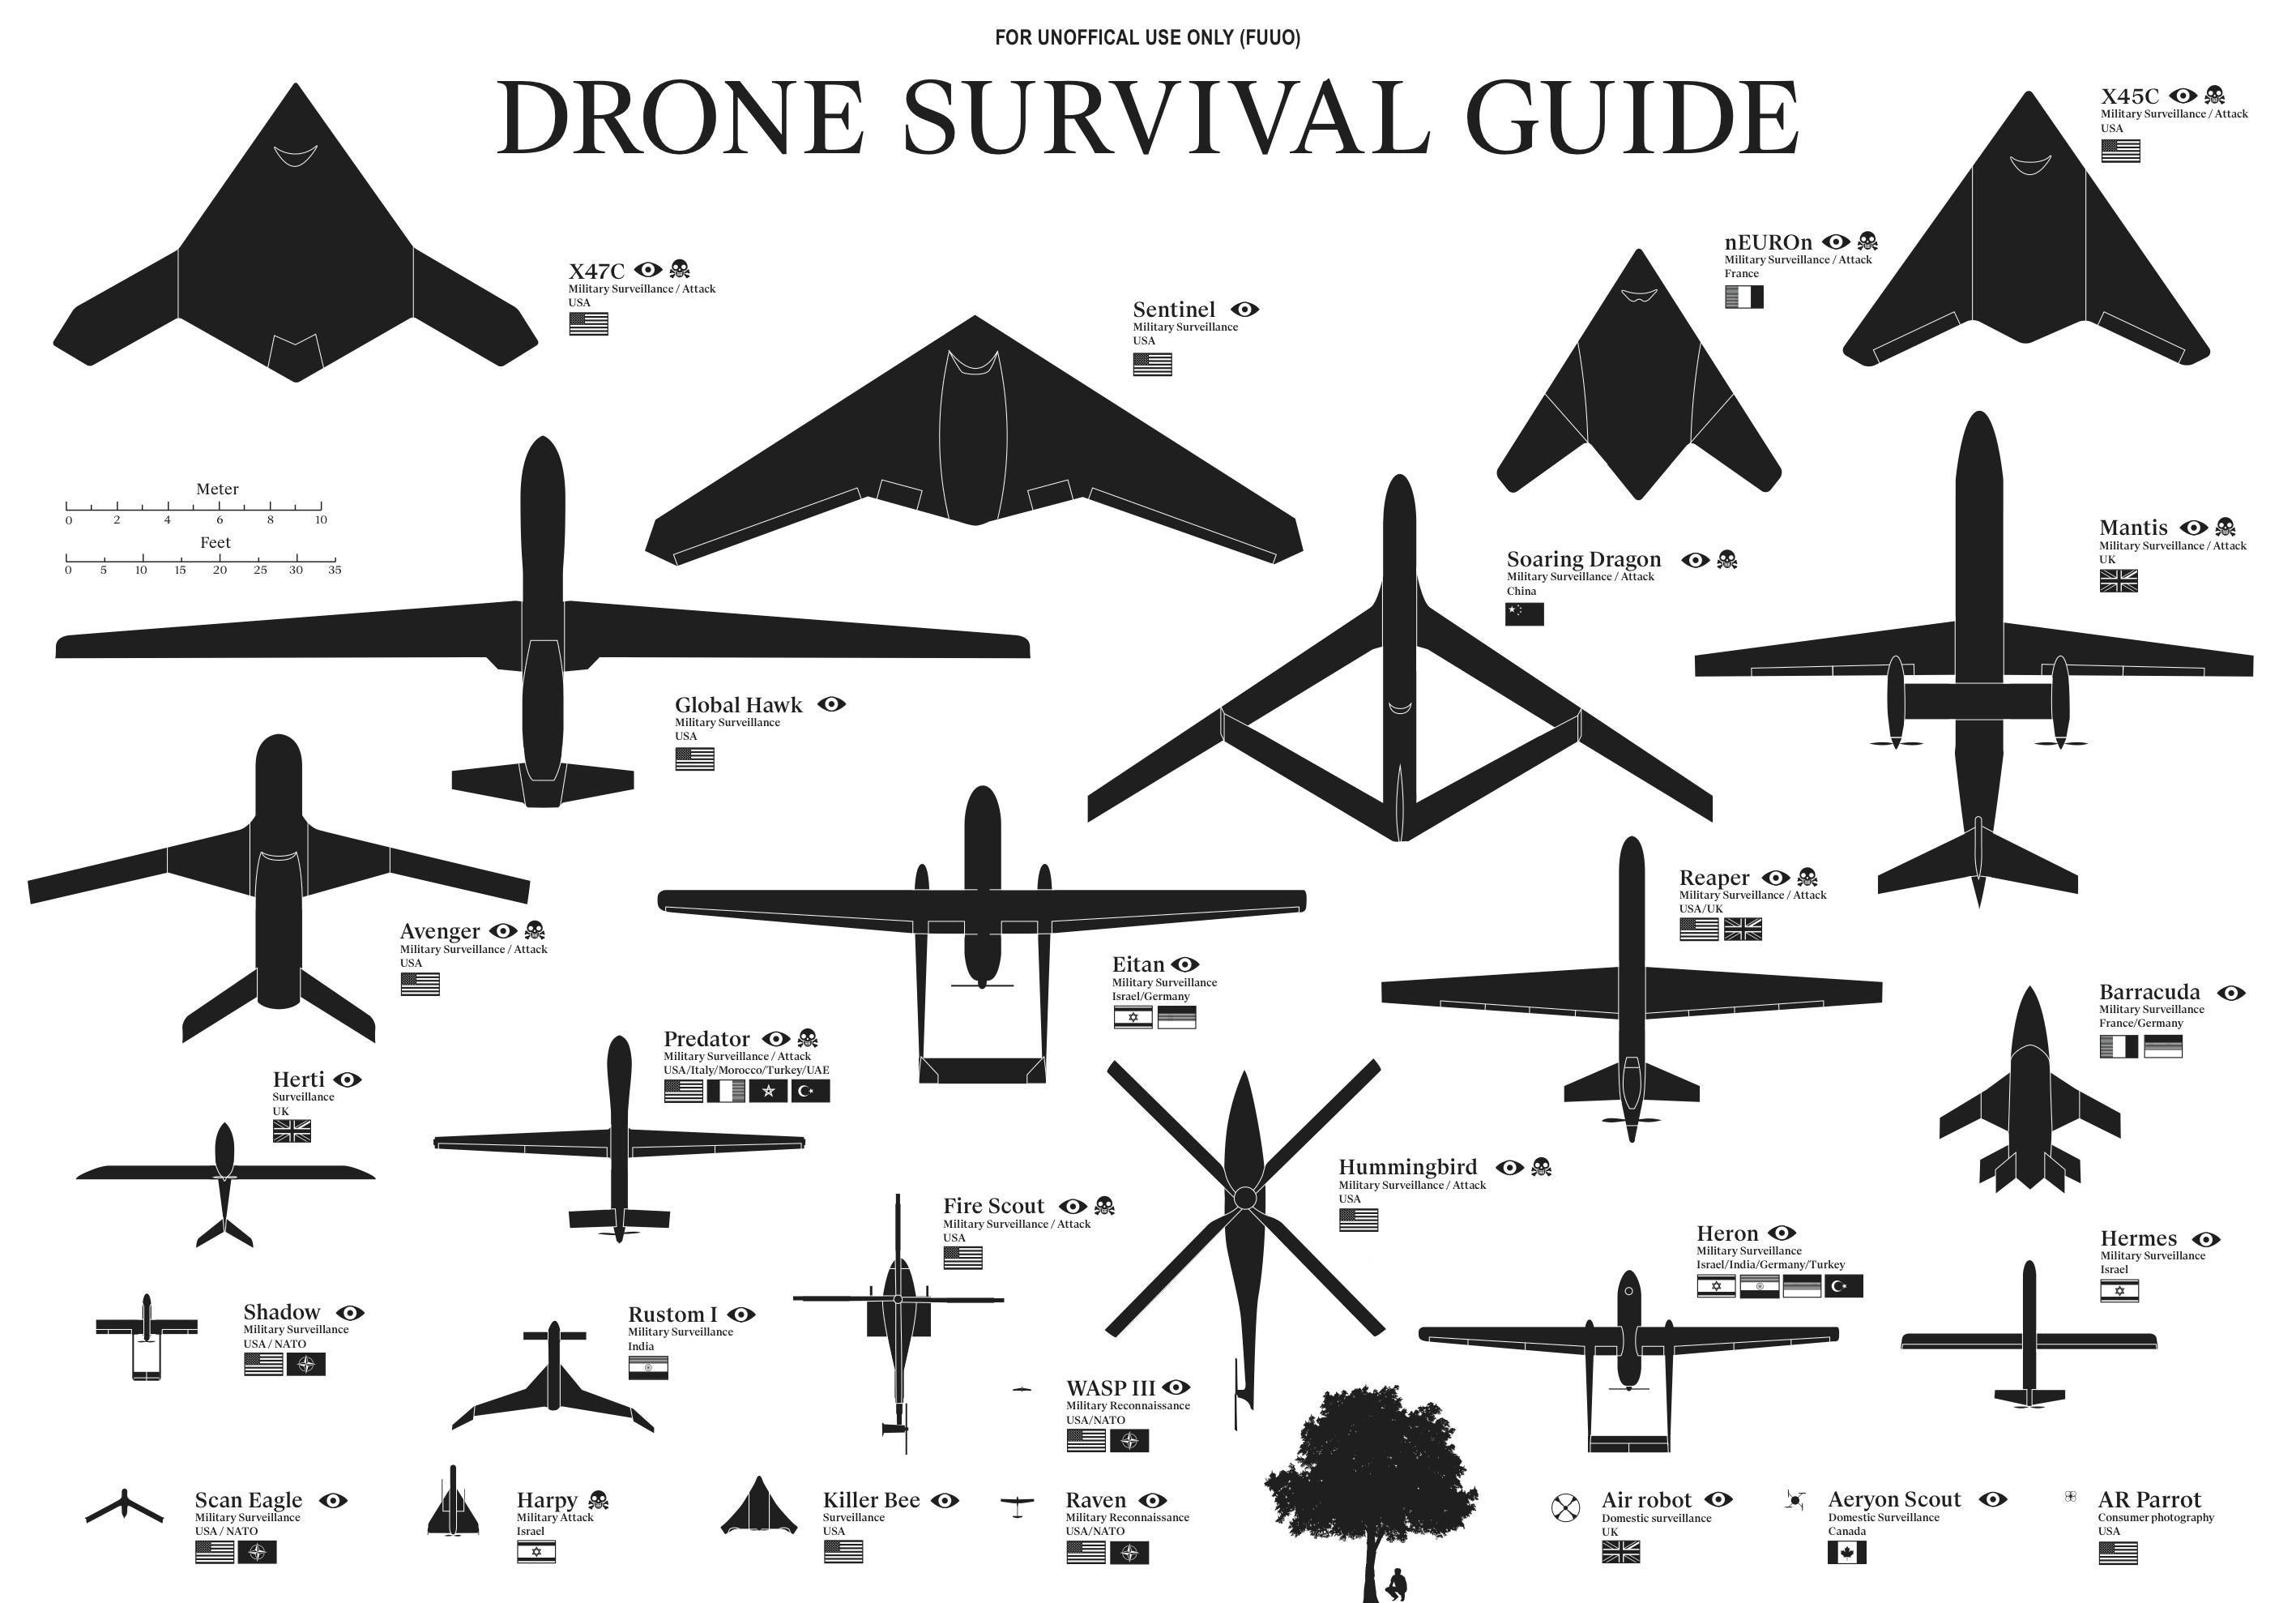 Reaper Drone Vs Predator Drone Reaper Drone Vs Predator Drone